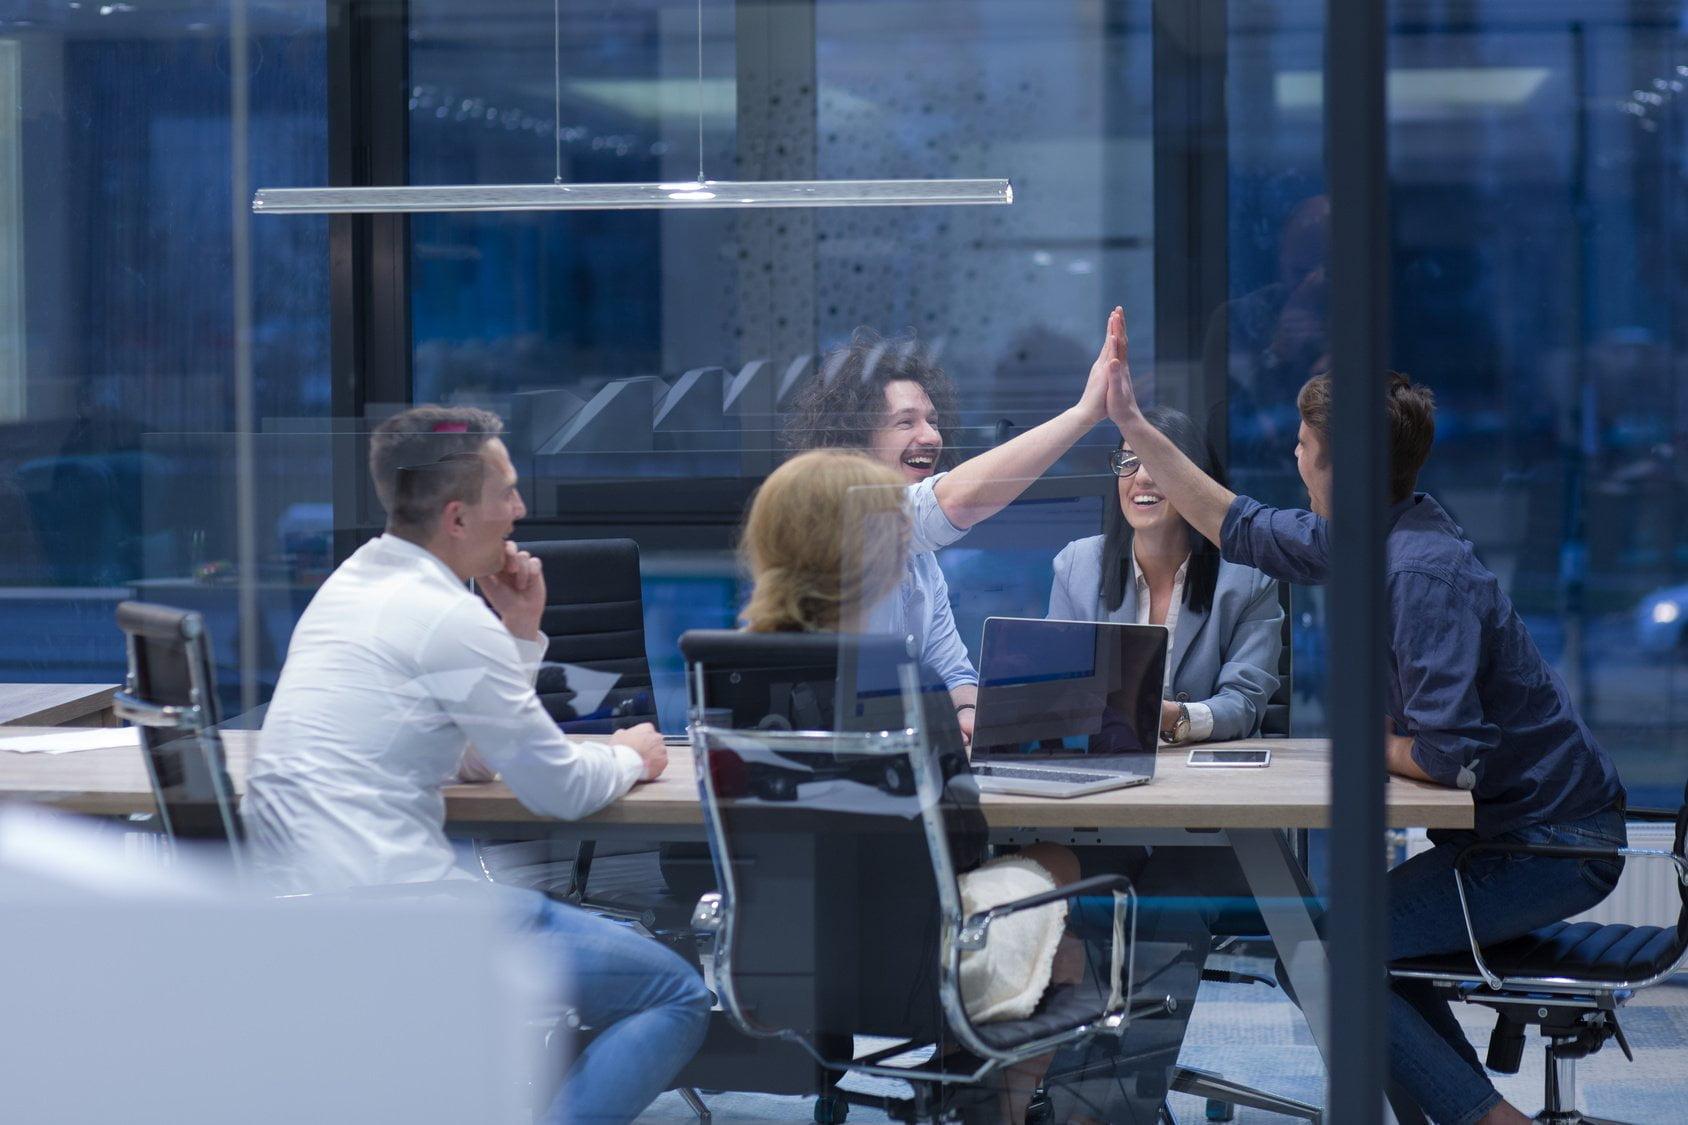 4 Icebreaker Activities to Help Build Employee Engagement